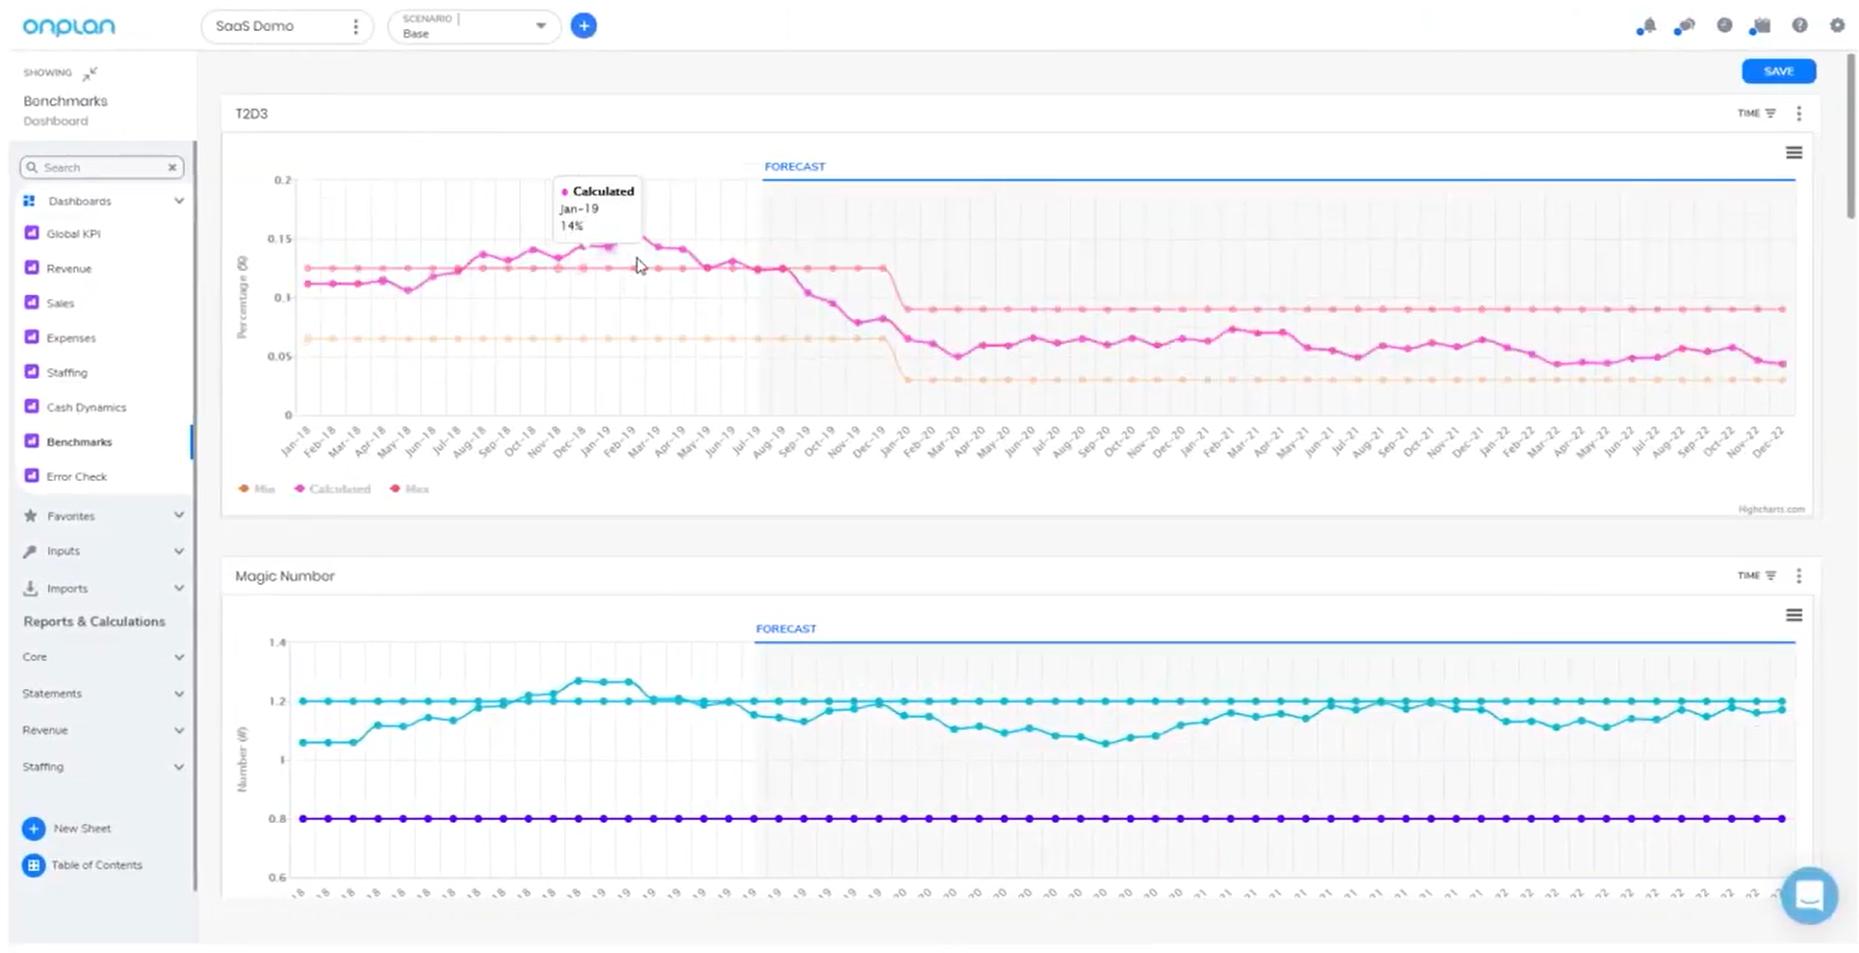 OnPlan Software - OnPlan benchmarking